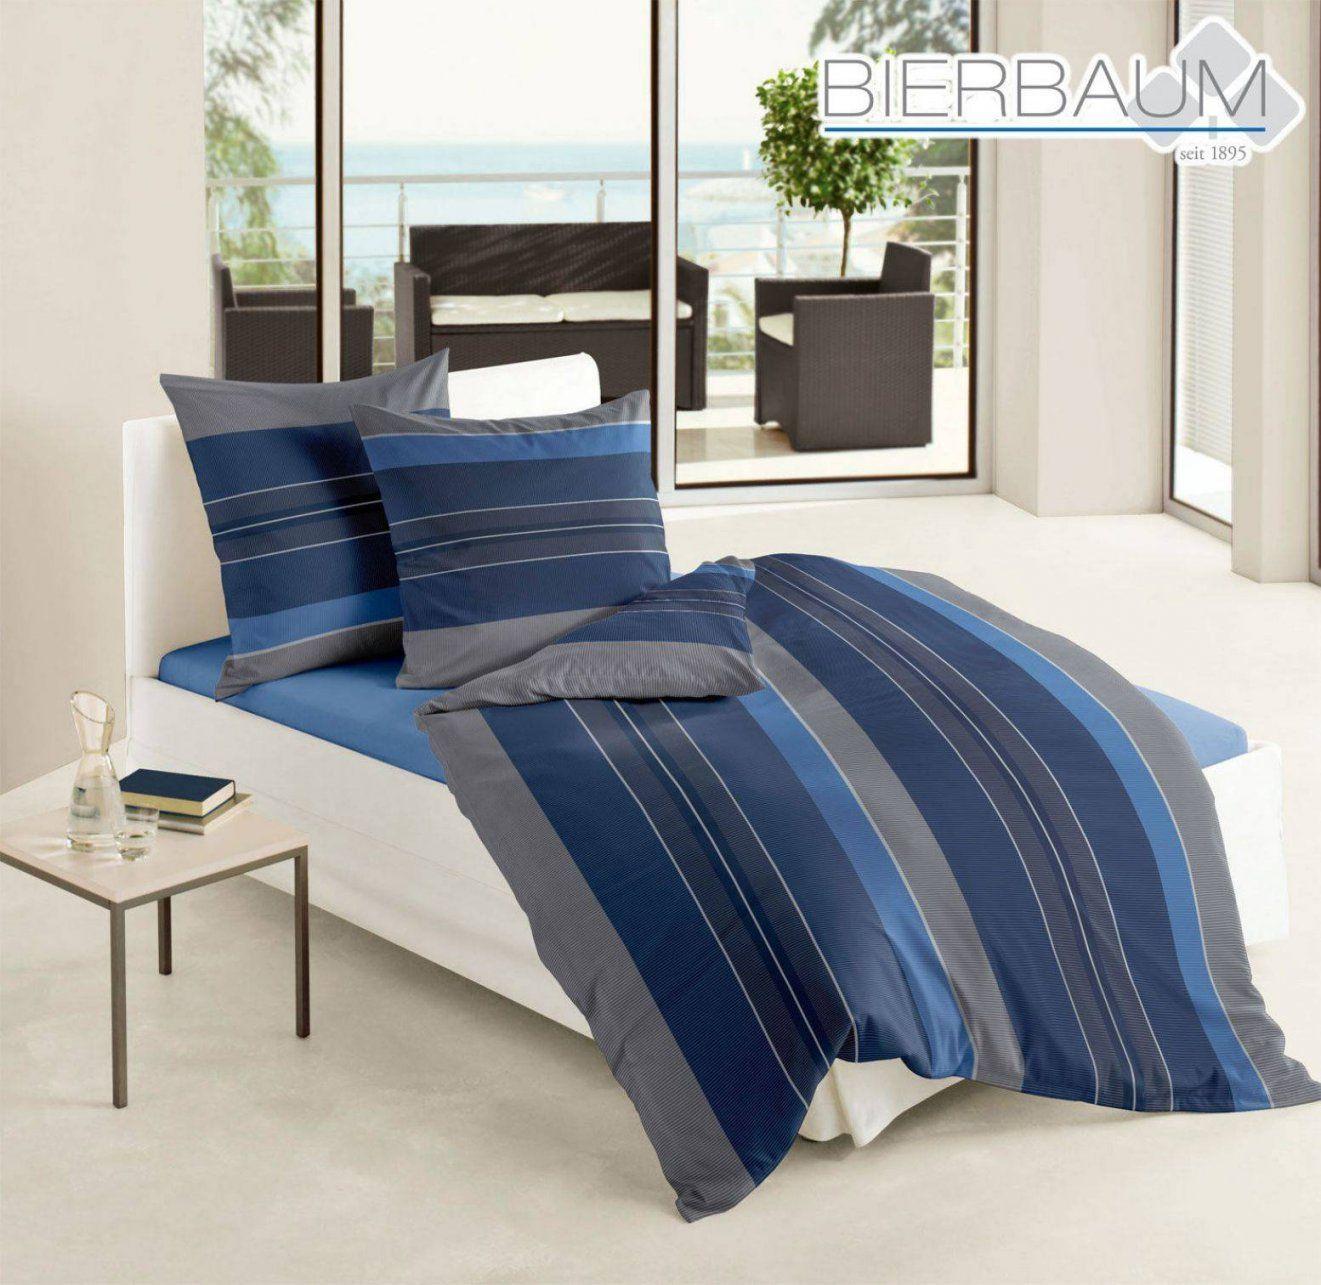 Marvelous Bierbaum Bettwasche Bettwäsche Werksverkauf Home Design von Bierbaum Bettwäsche 135X200 Bild